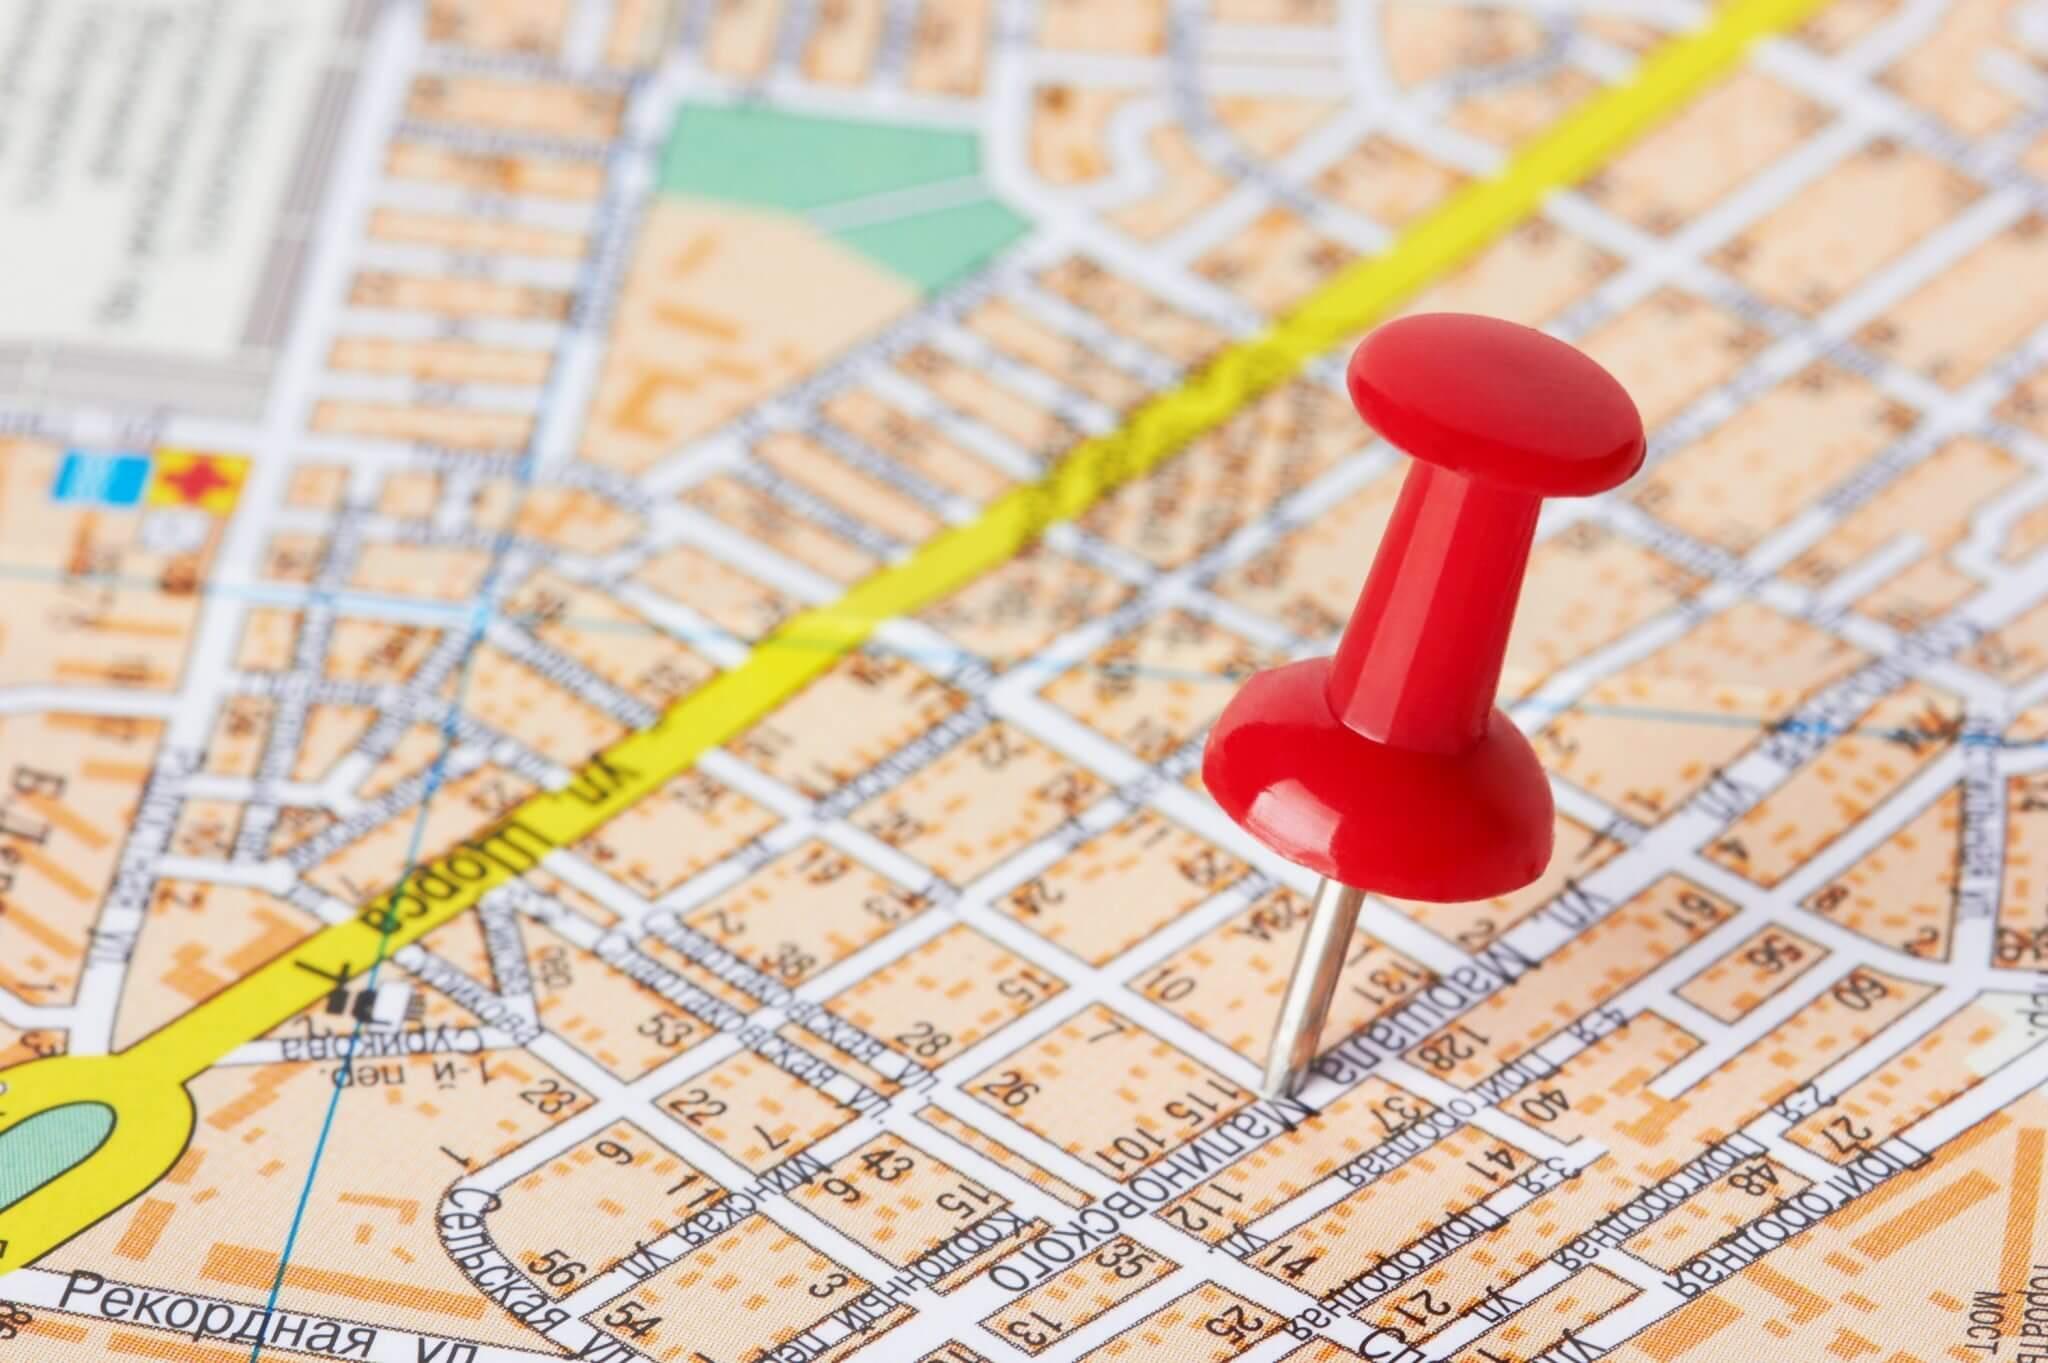 localizacao - Tutorial: Como enviar sua localização em tempo real para familiares e amigos